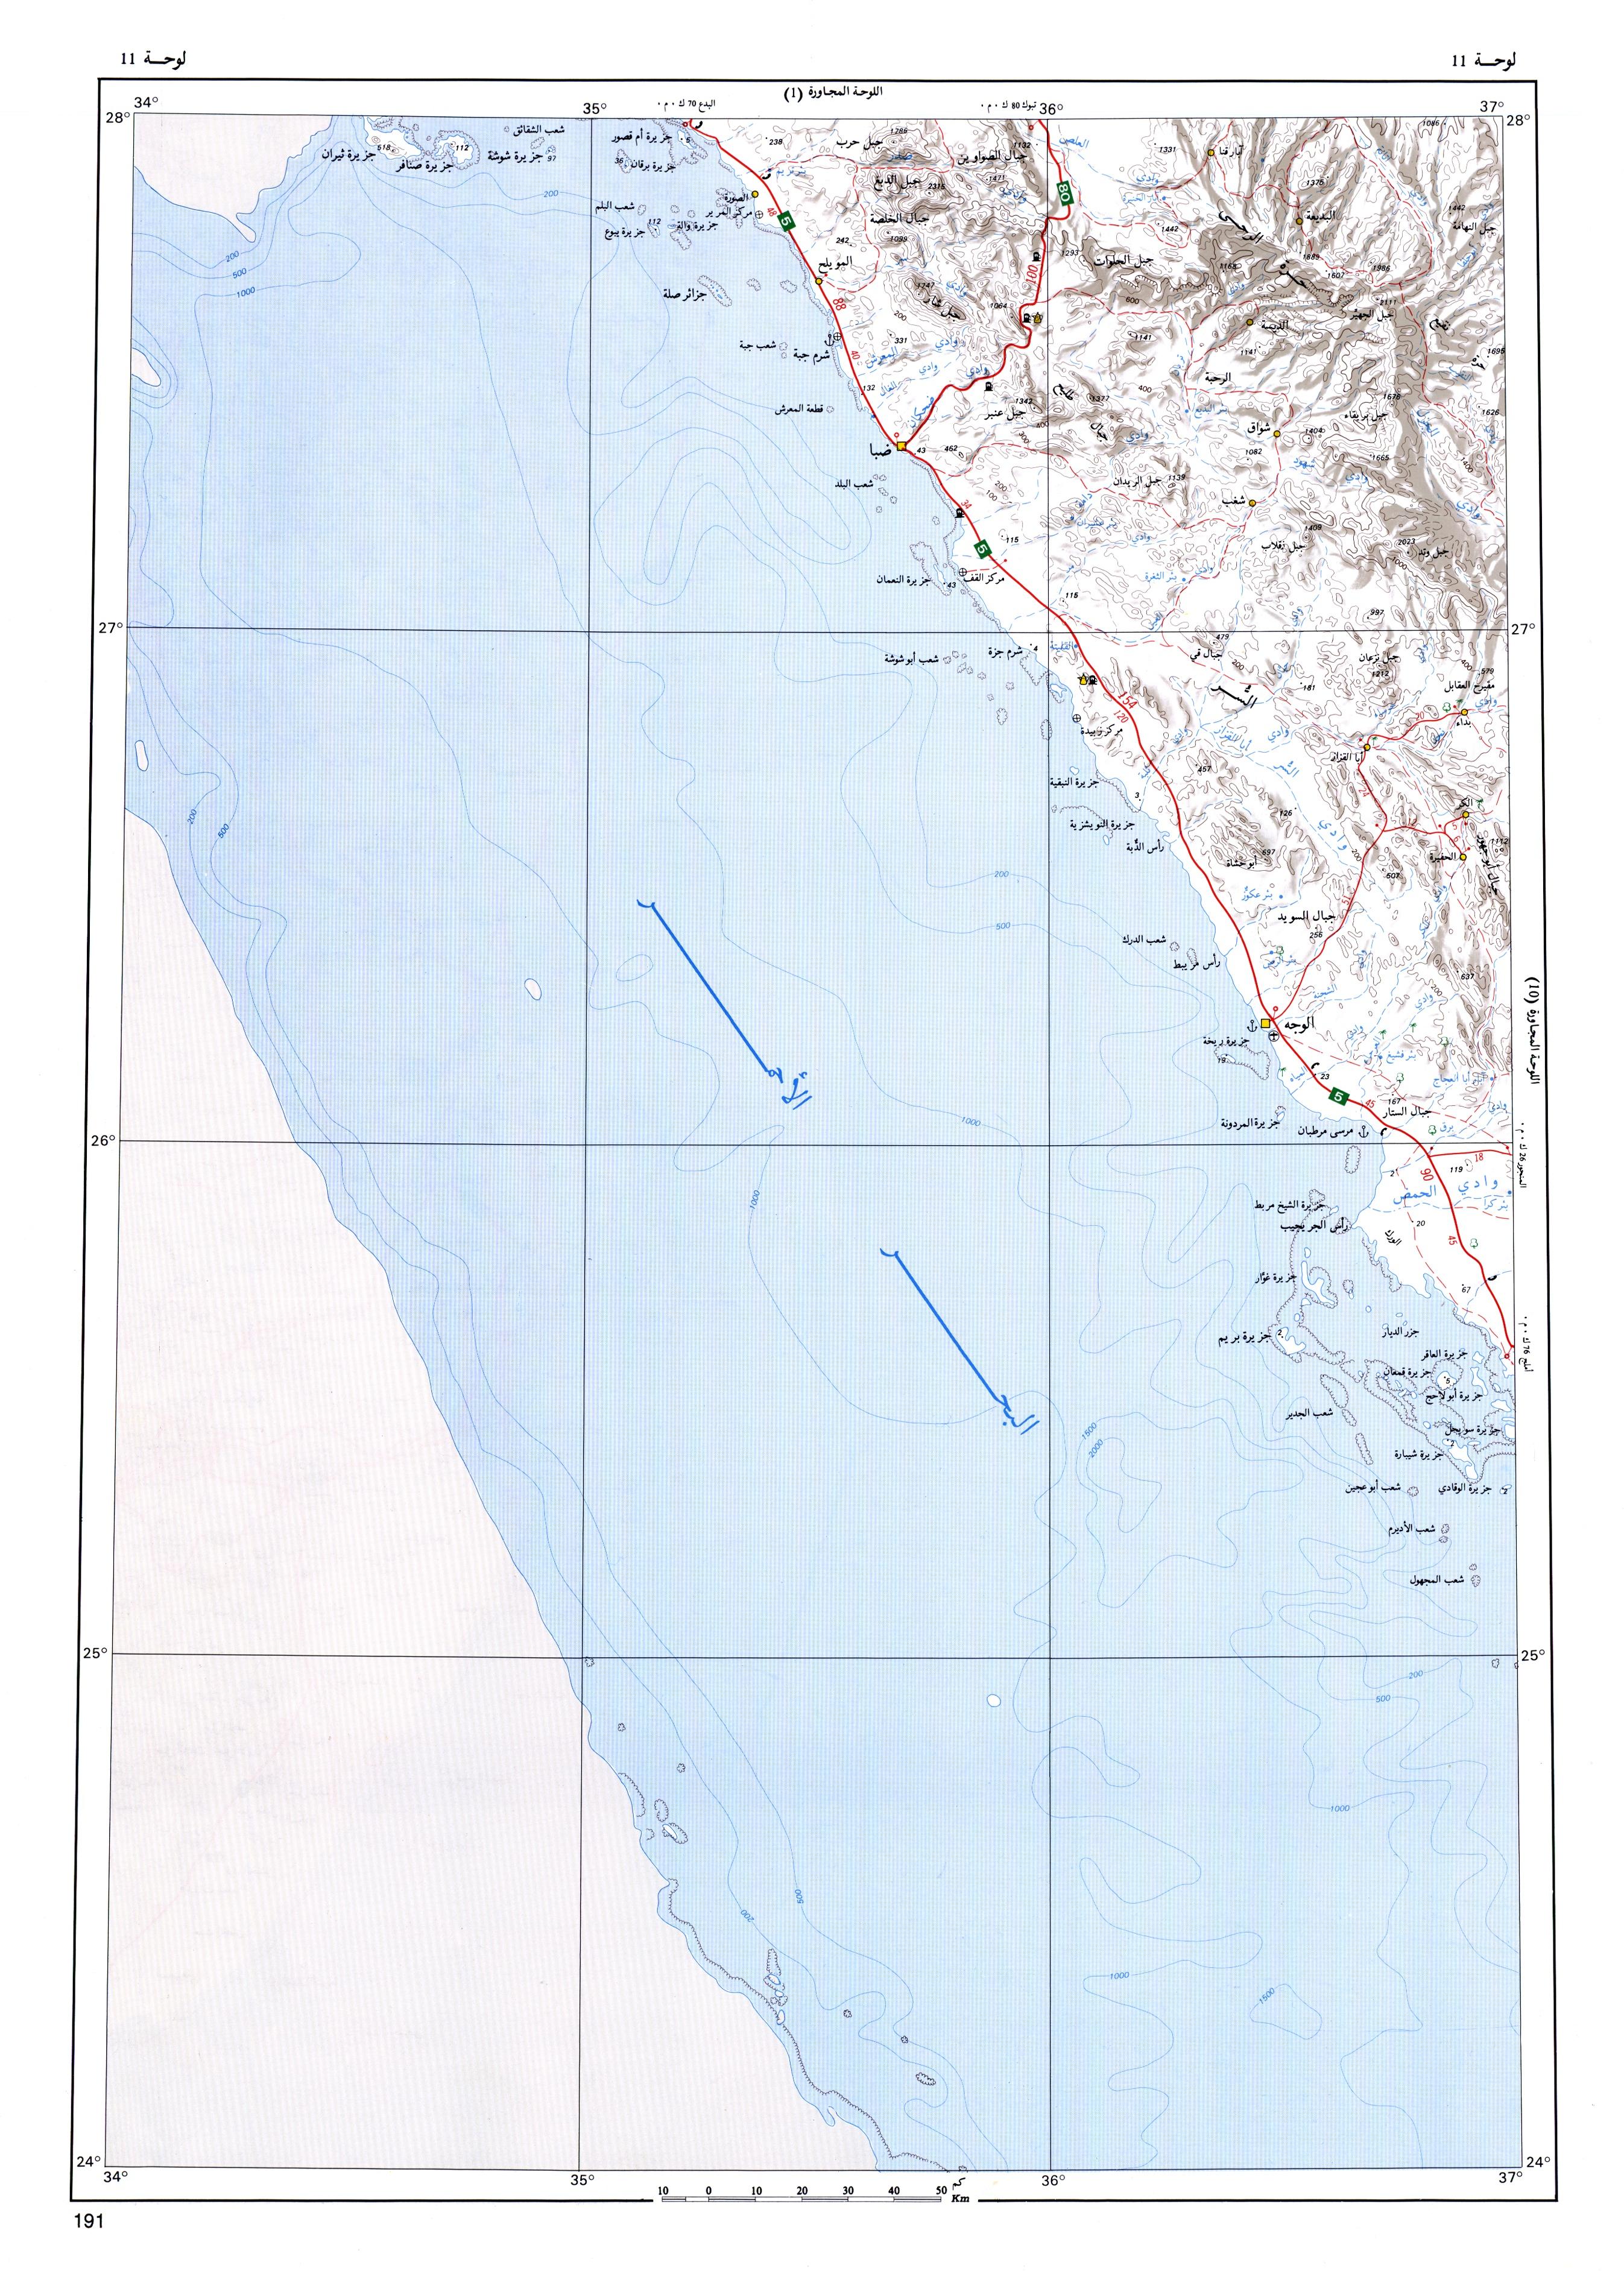 الجزيرة العربية - خرائط لمدن Fig-11